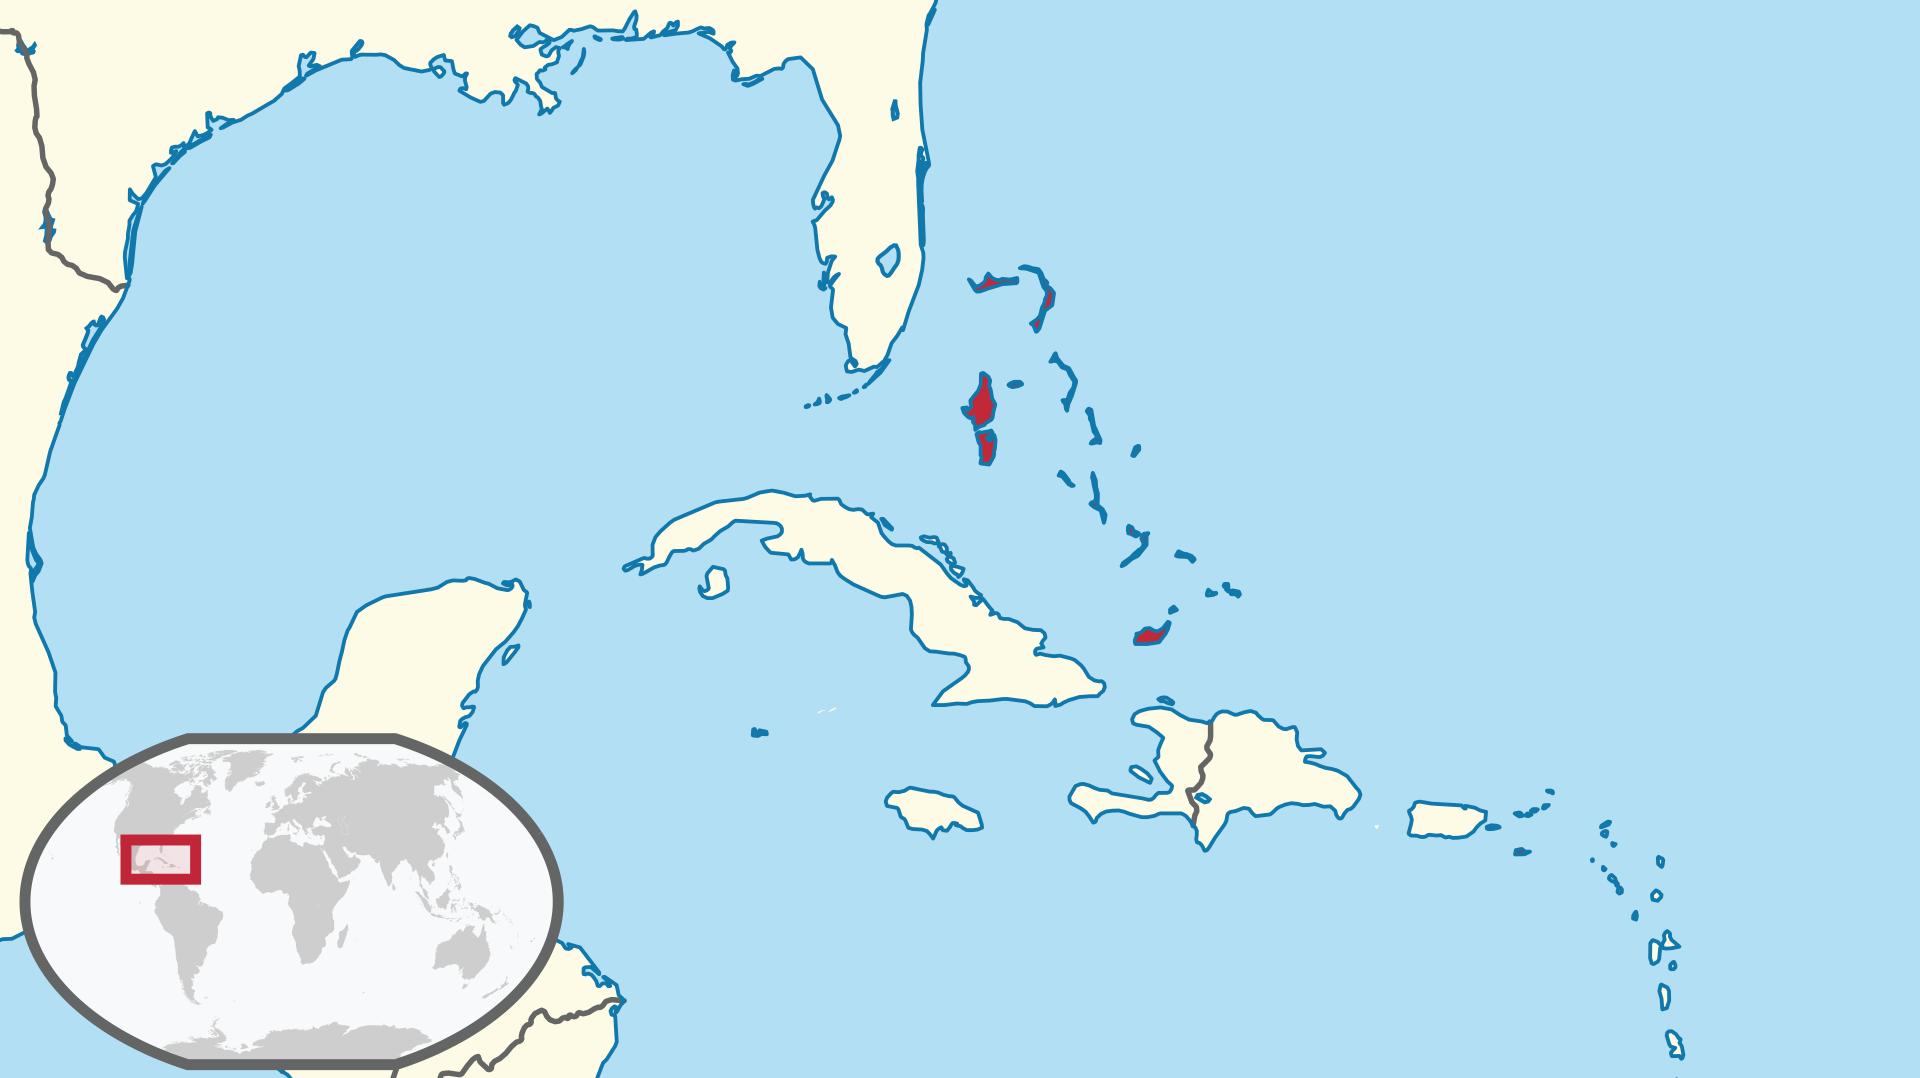 الموقع الجغرافي لجزيرة ناساو